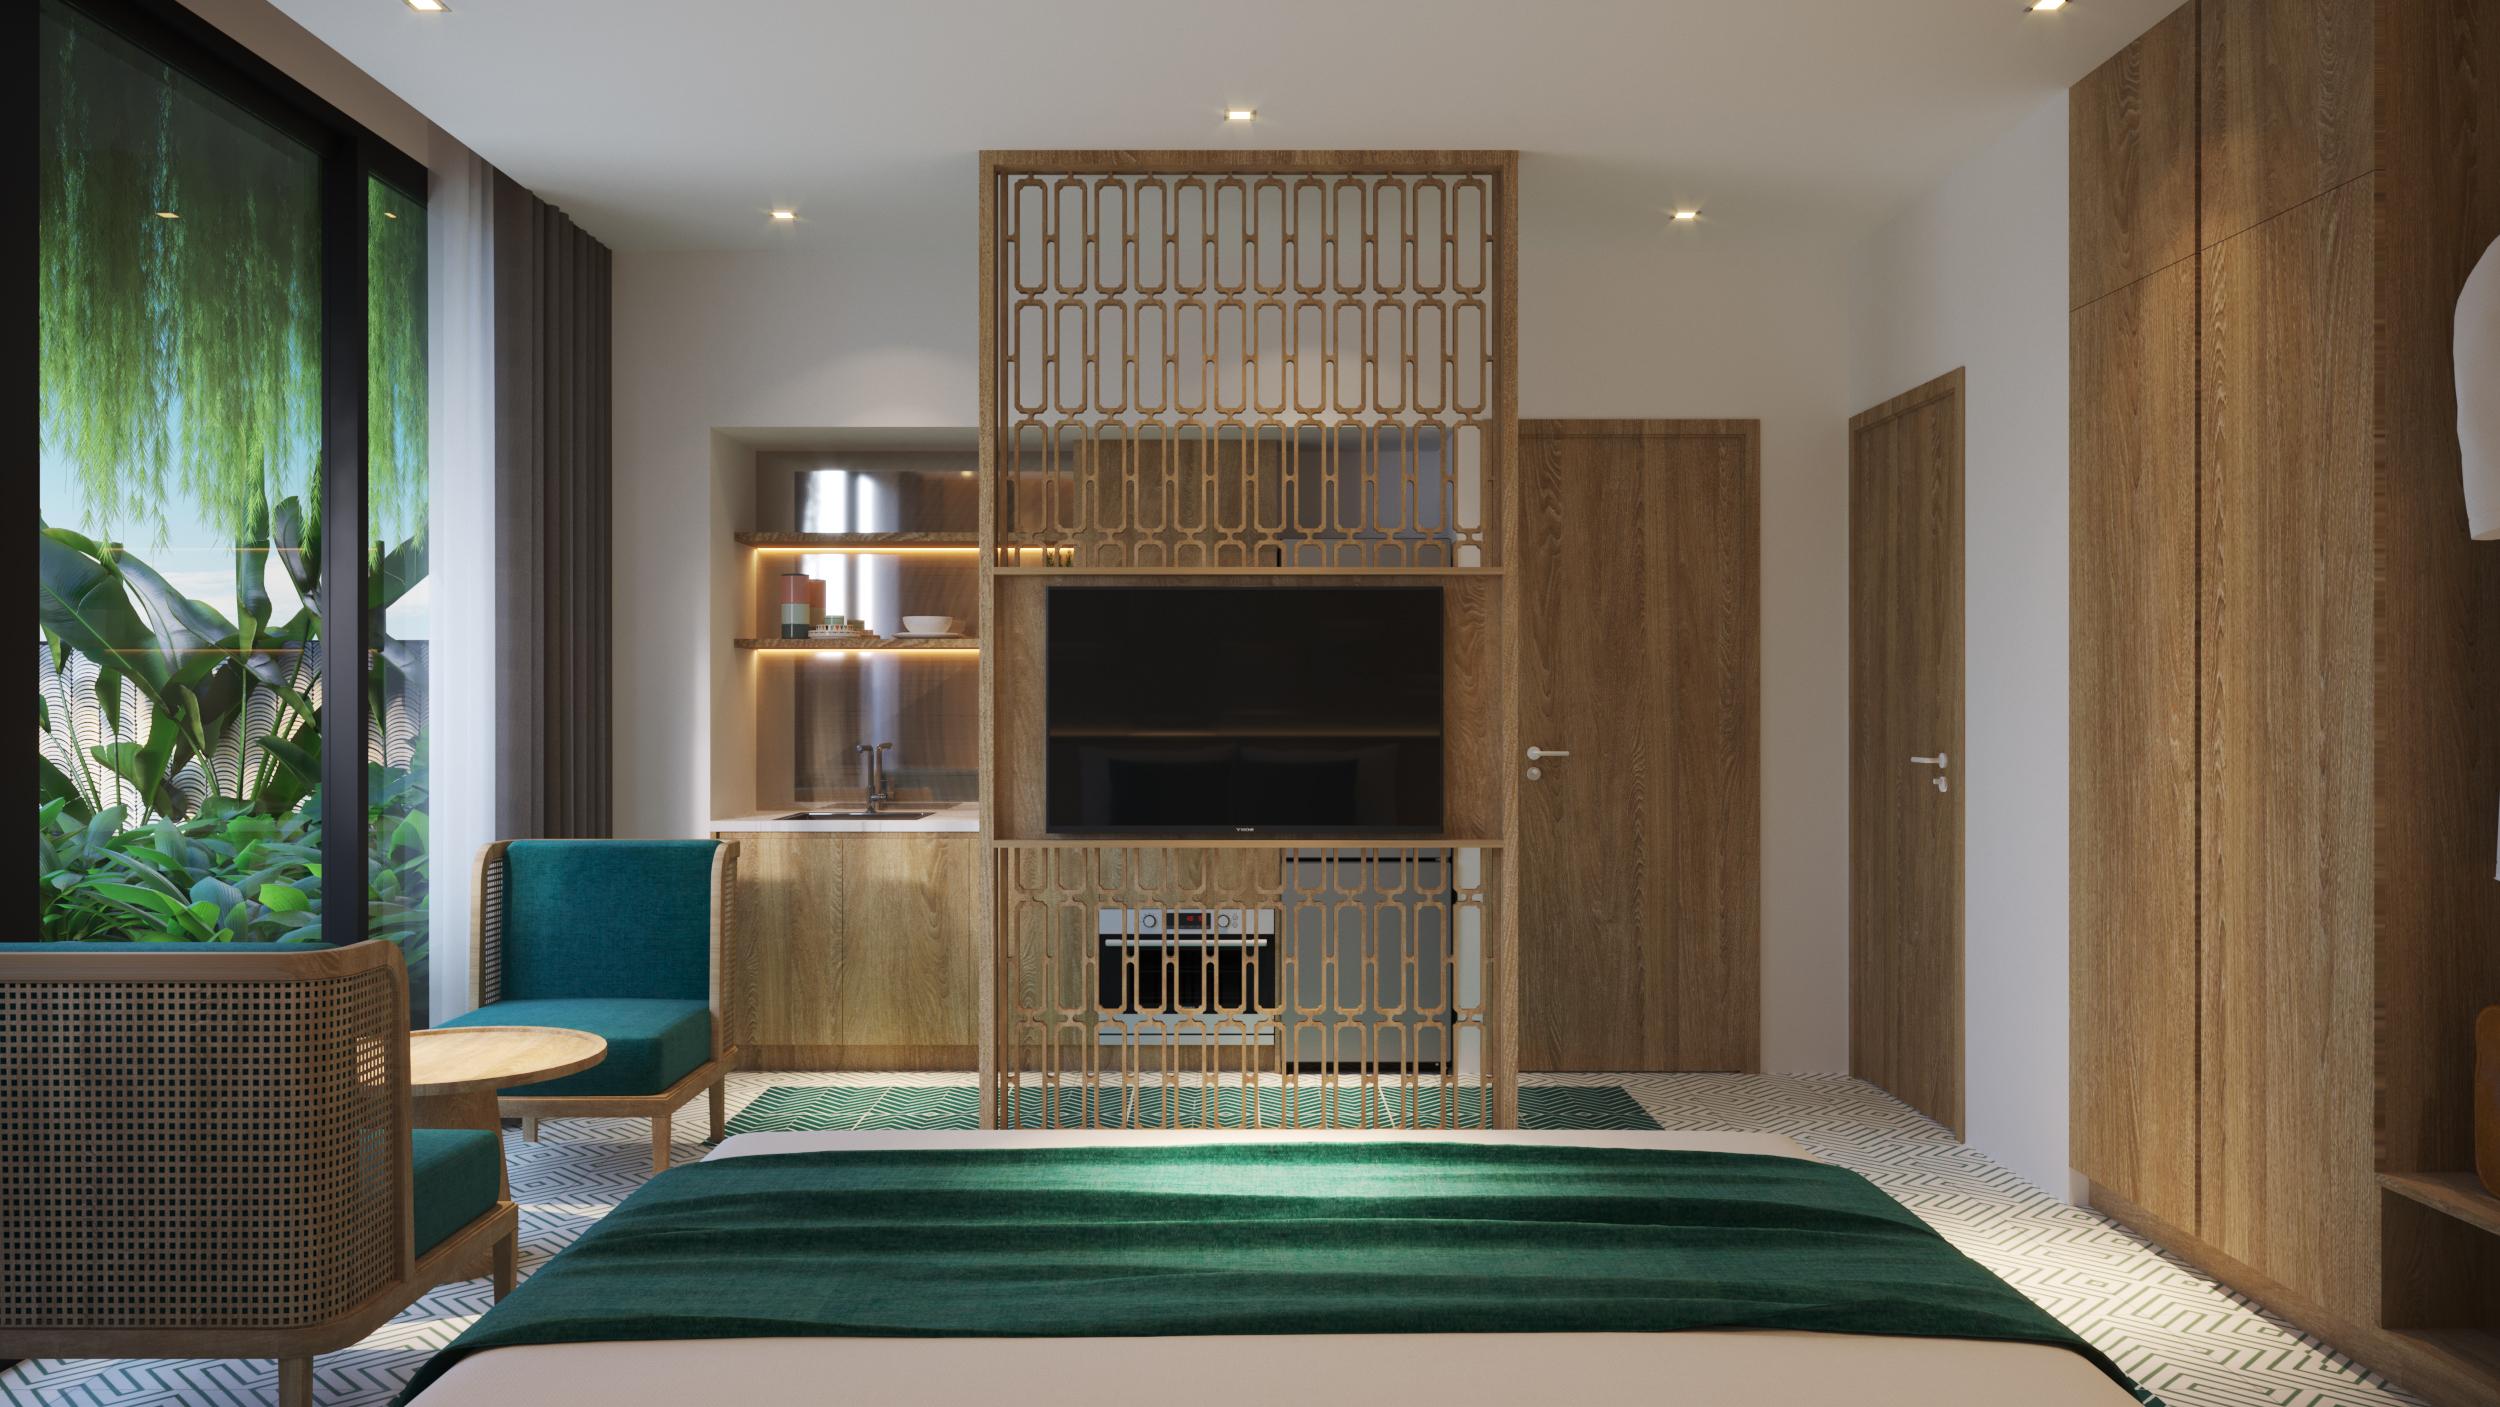 Thiết kế nội thất Khách Sạn tại Đà Nẵng CASAMIA AP2 HOI AN 1587708632 3